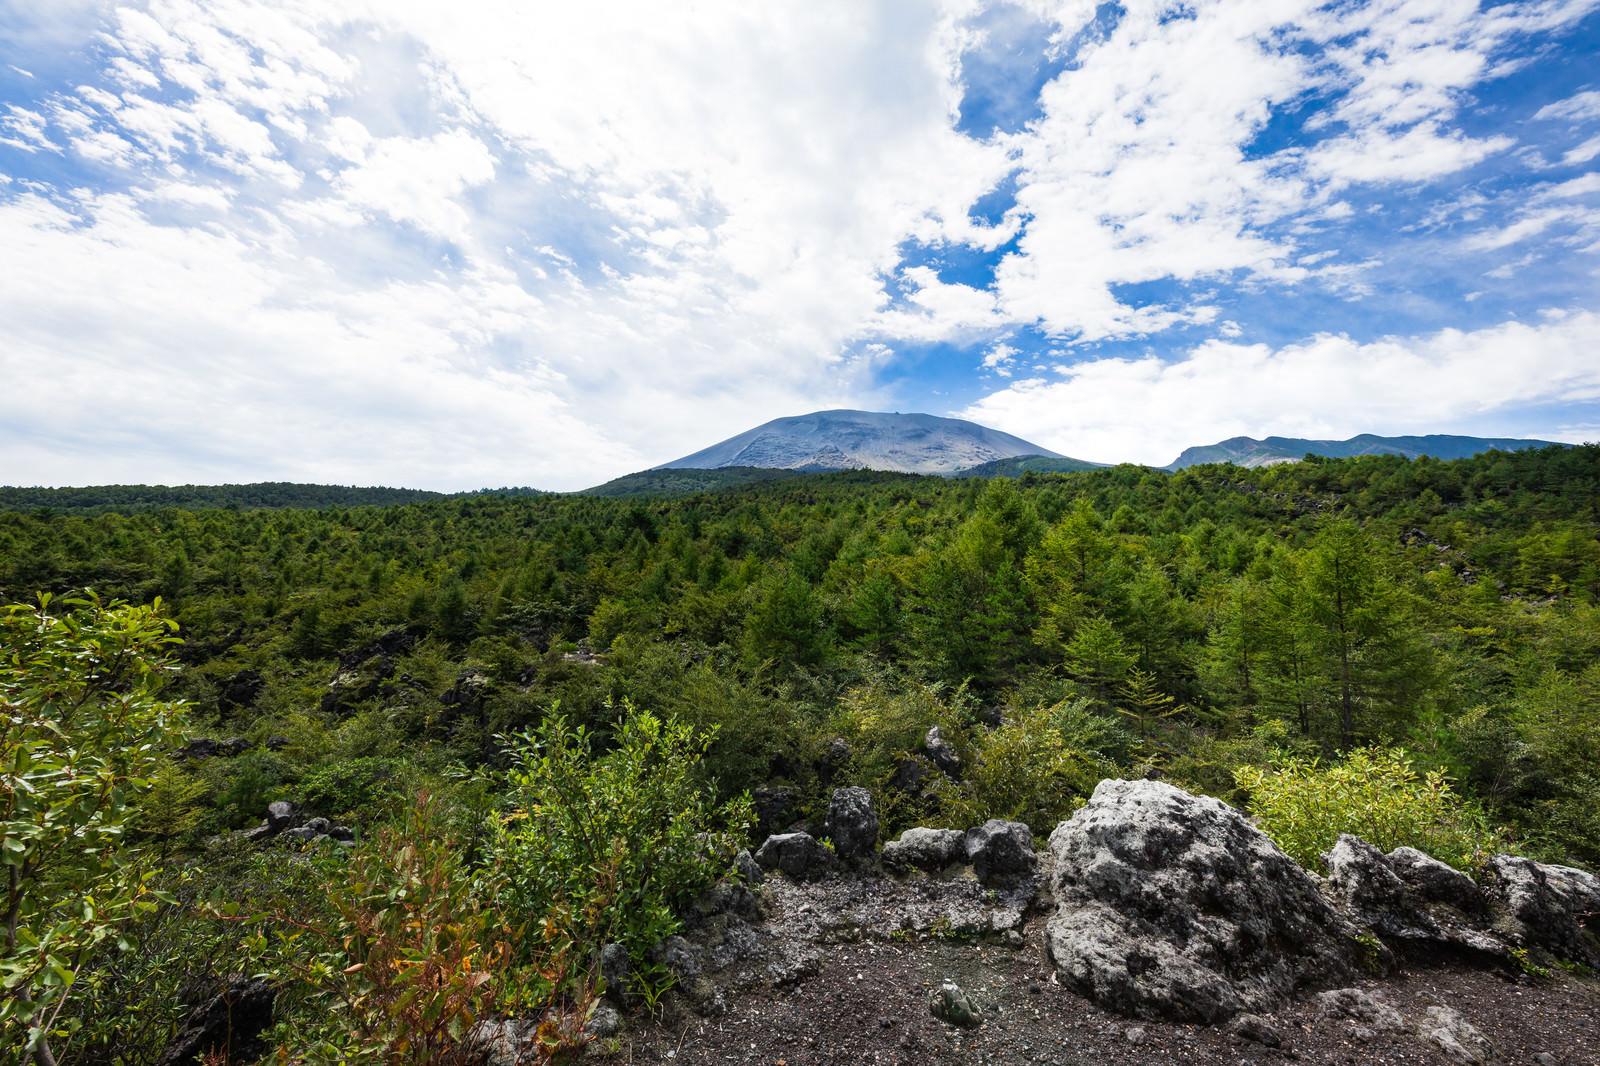 「浅間園から見える浅間山の景観」の写真